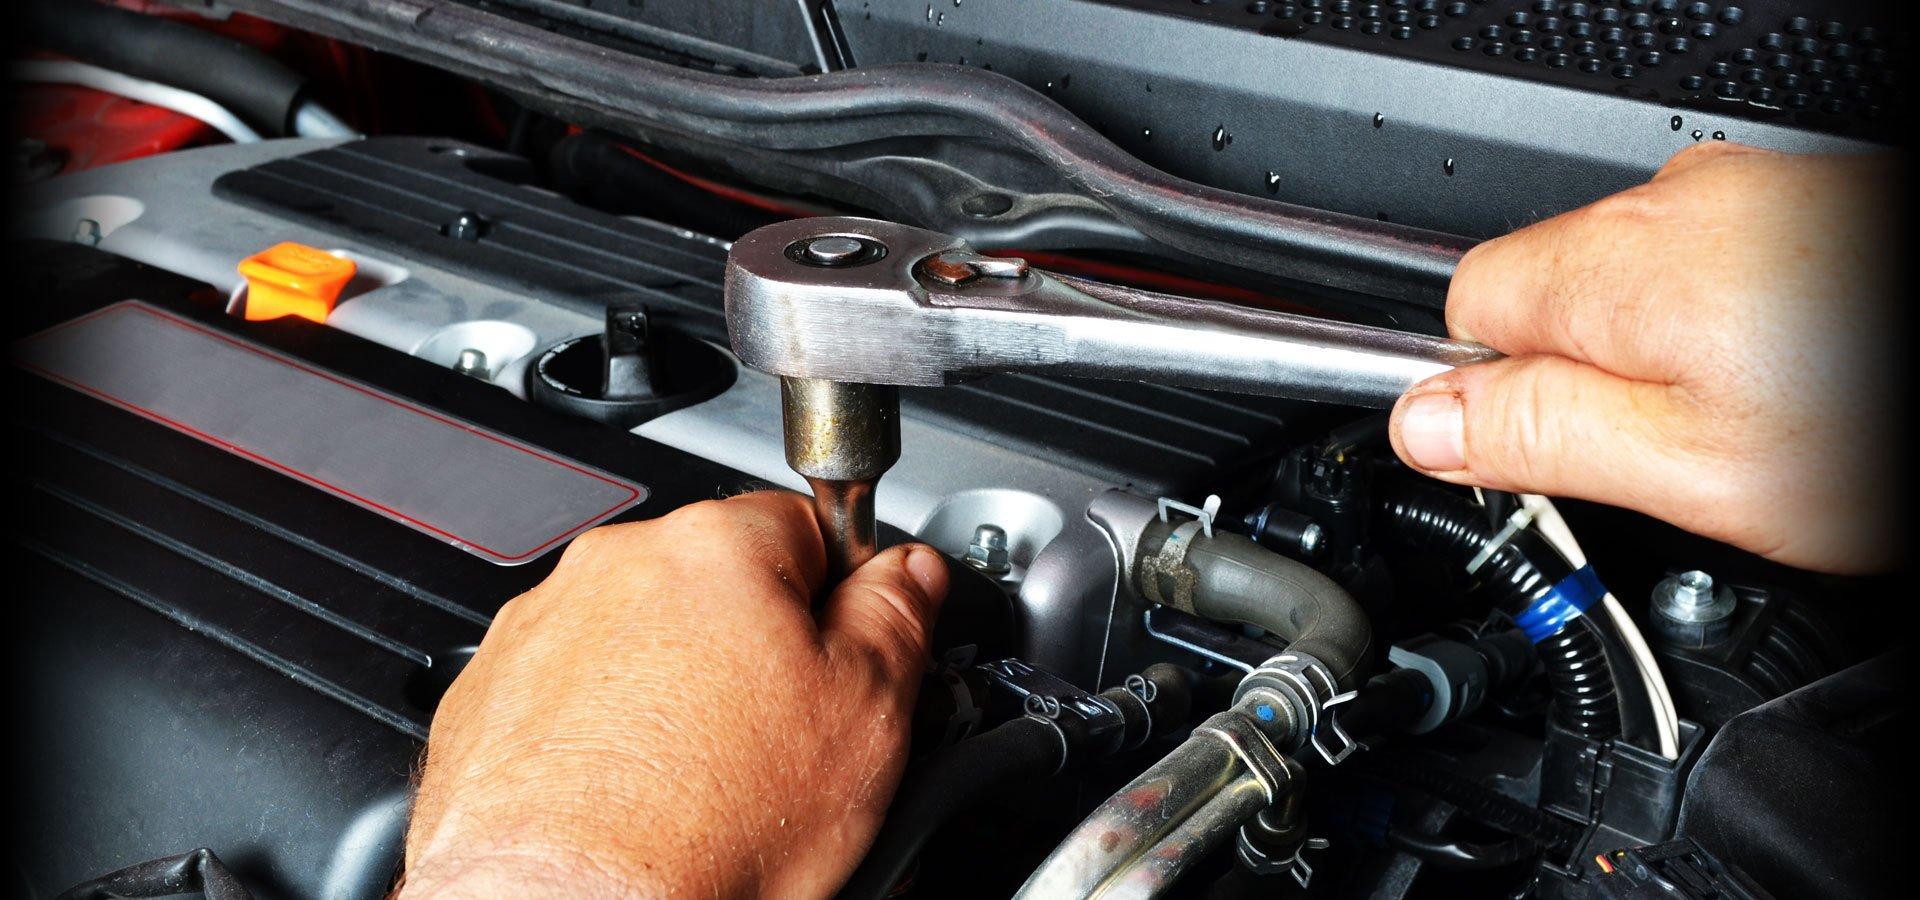 Hands of a mechanic repairing an engine